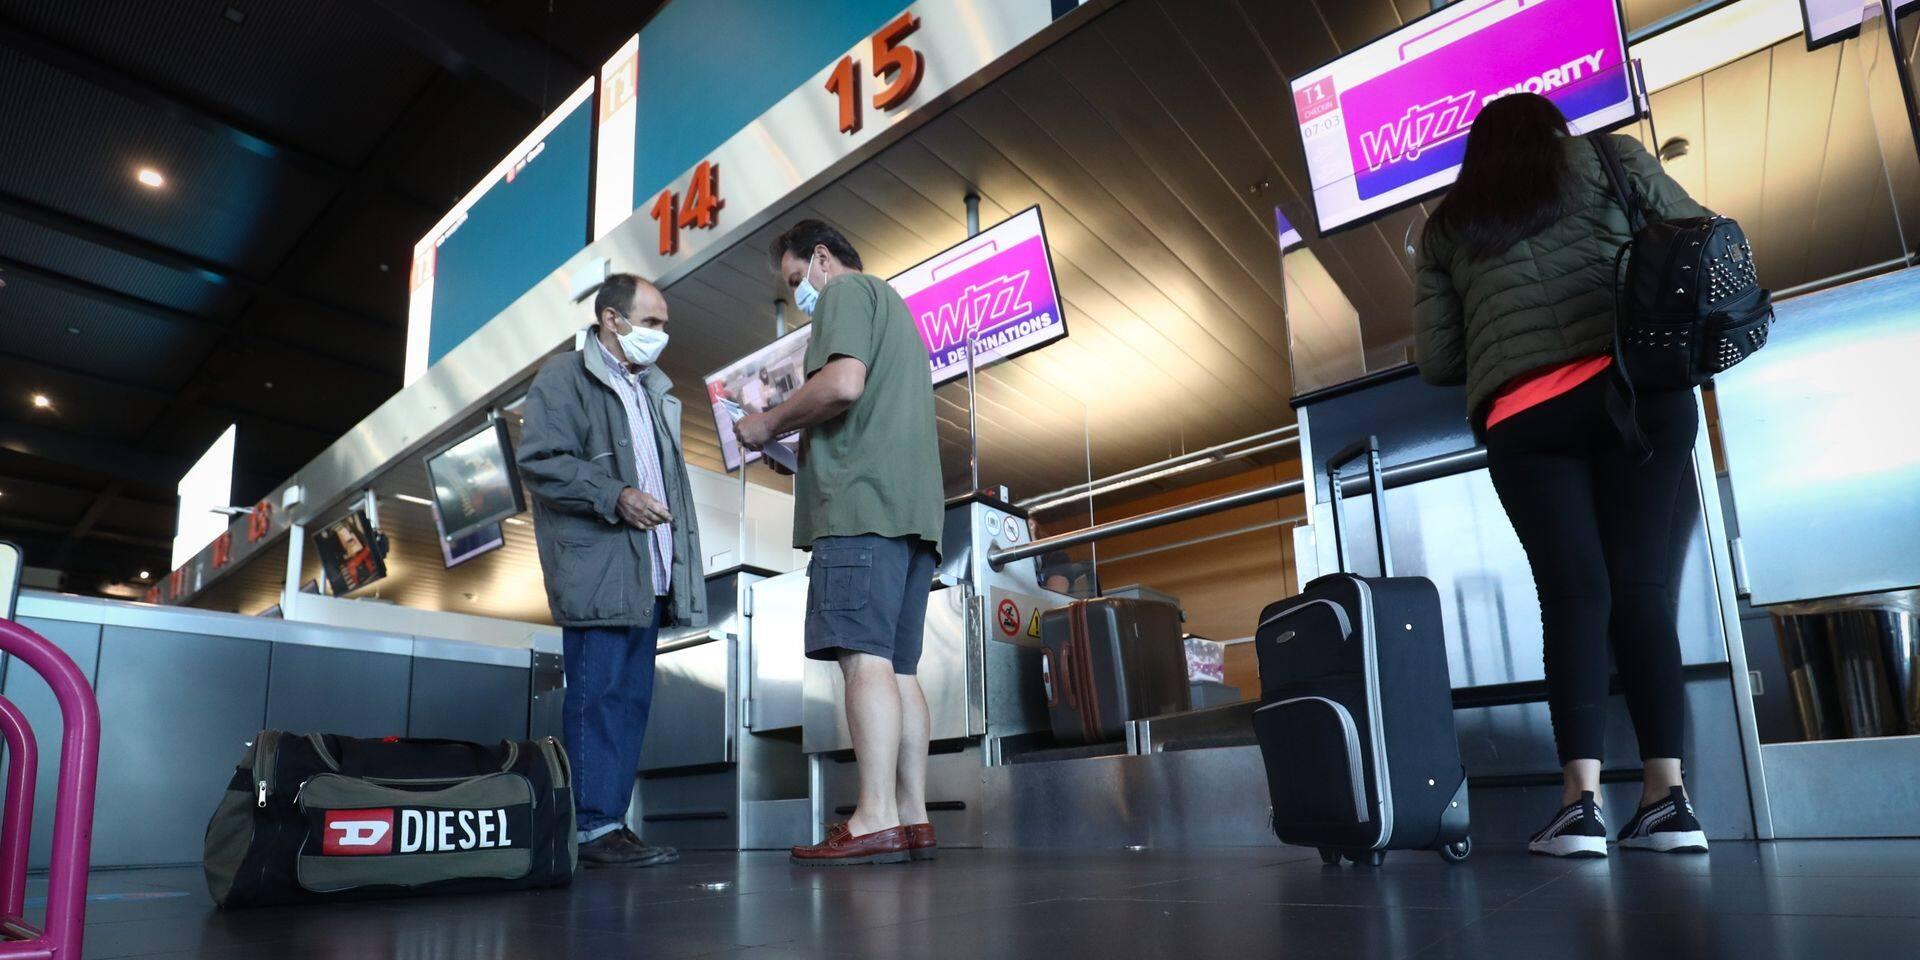 Les travaux de sécurisation du site de Brussels South Charleroi Airport débutent jeudi